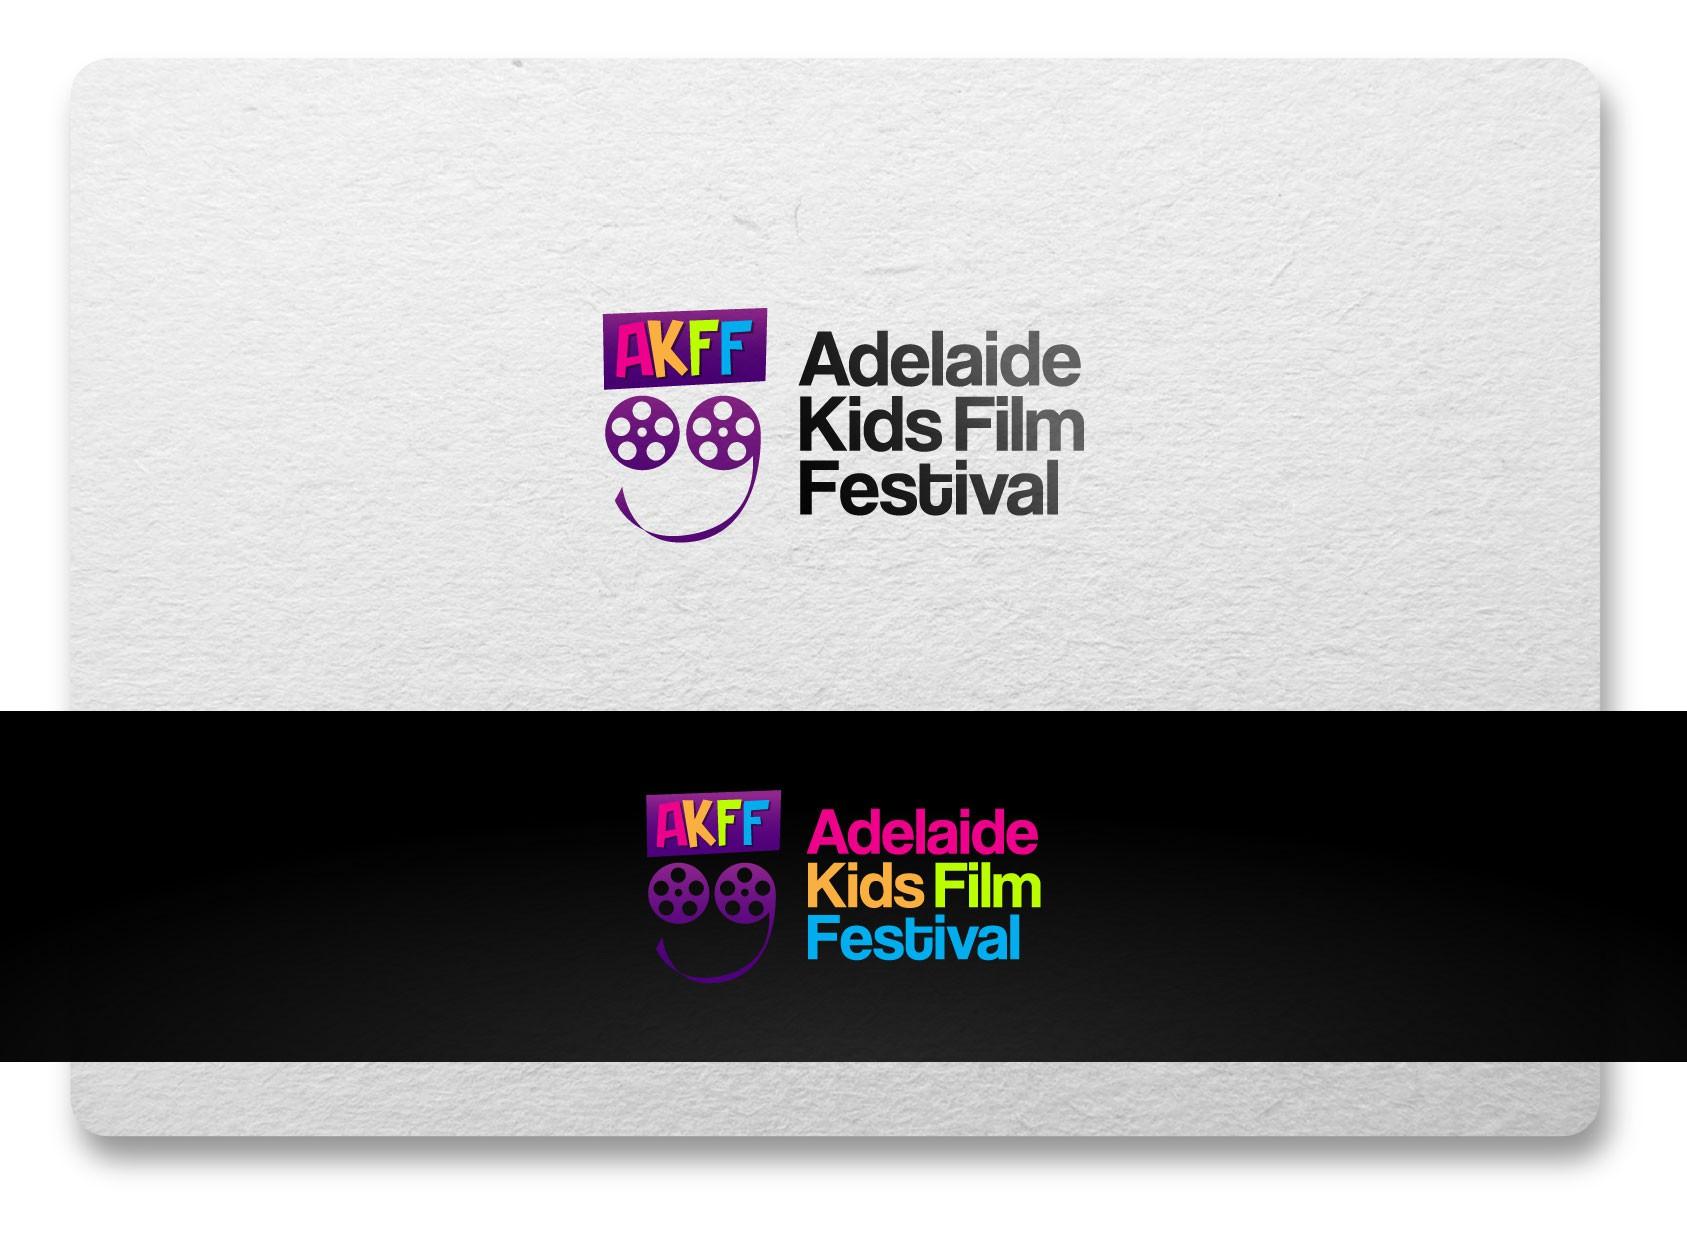 Create the next logo for Adelaide Kids Film Festival